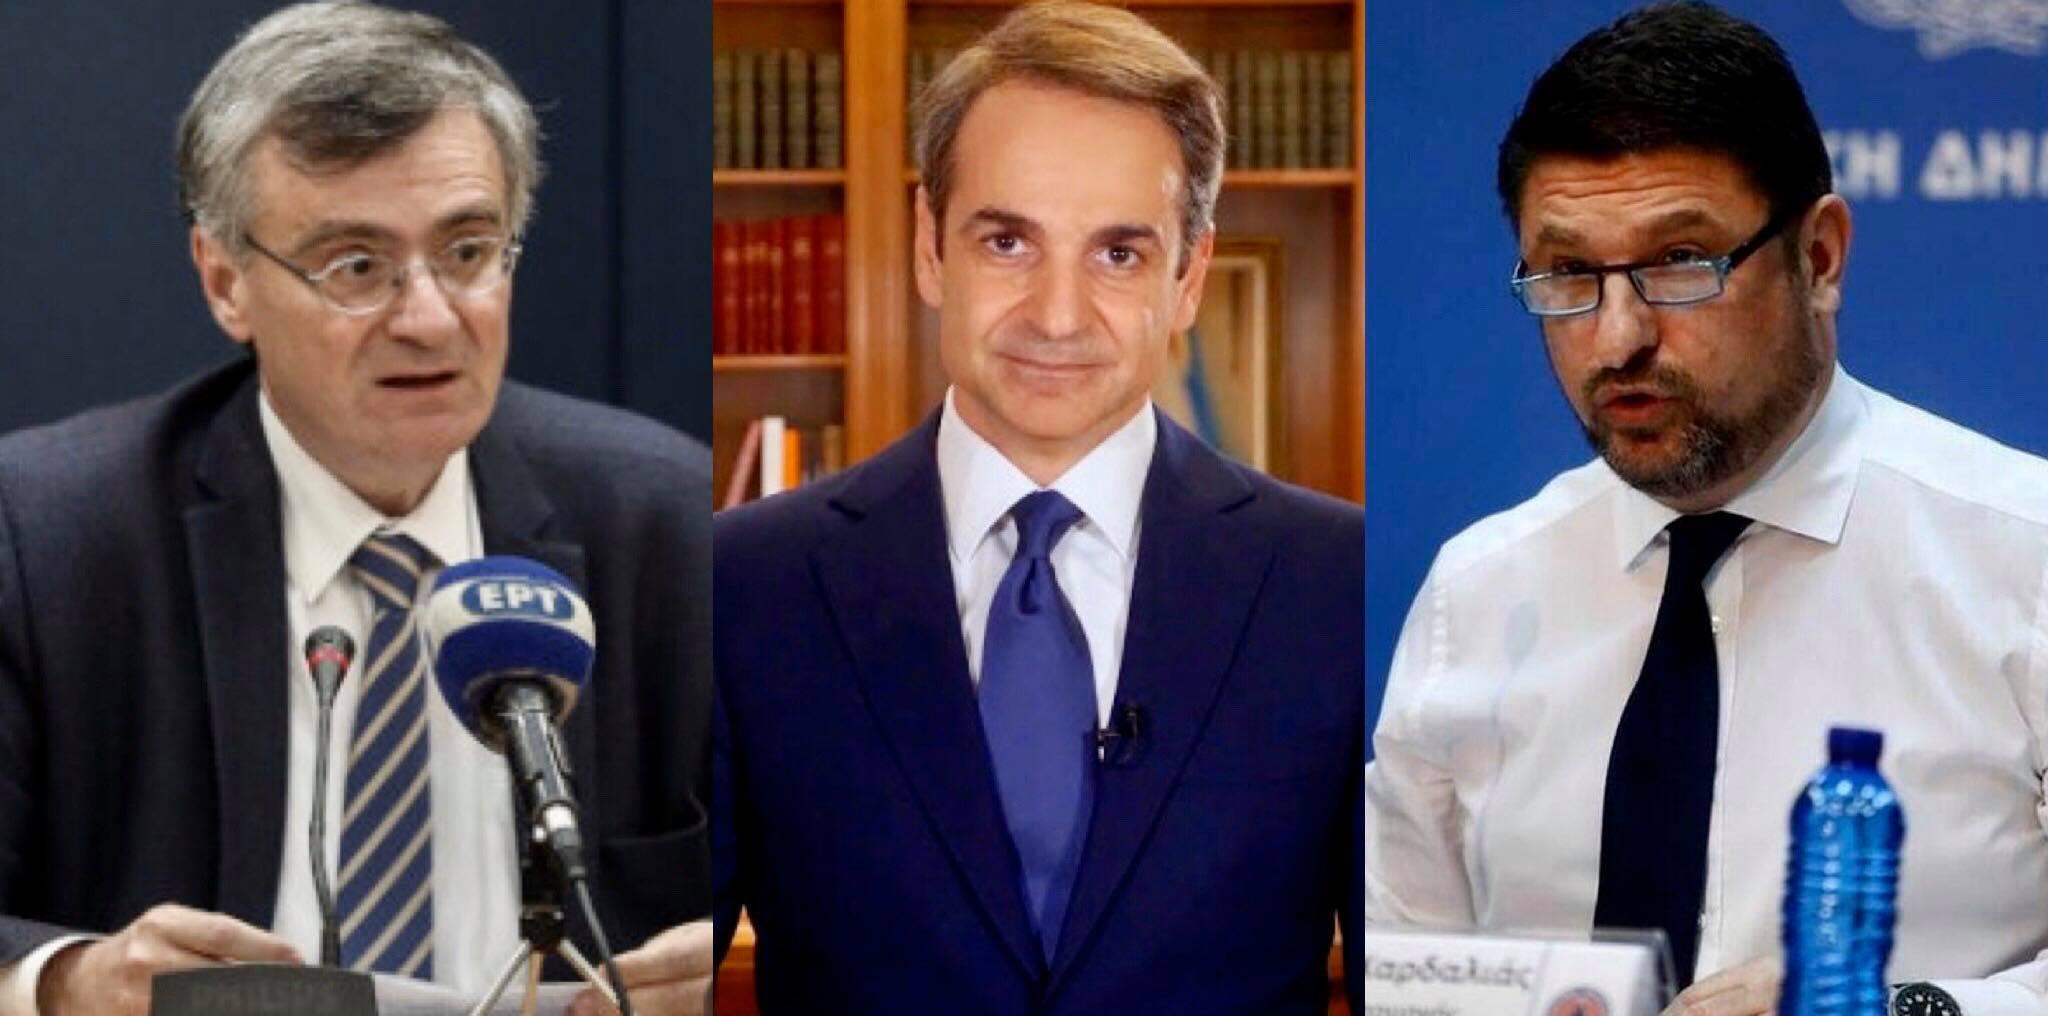 Ο Θανάσης Κ. αναλύει τον τρόπο λήψης αποφάσεων στην διαχείριση κρίσης που επιβάλλει ο κορωνοϊός. Πρόκειται για την τριάδα ειδικοί, πολιτικοί, γραφειοκράτες που διαμορφώνουν την στρατηγική. Στην ελληνική περίπτωση, η Τριάδα Σωτήρης Τσιόδρας, Κυριάκος Μητσοτάκης, Νίκος Χαρδαλιάς. new deal